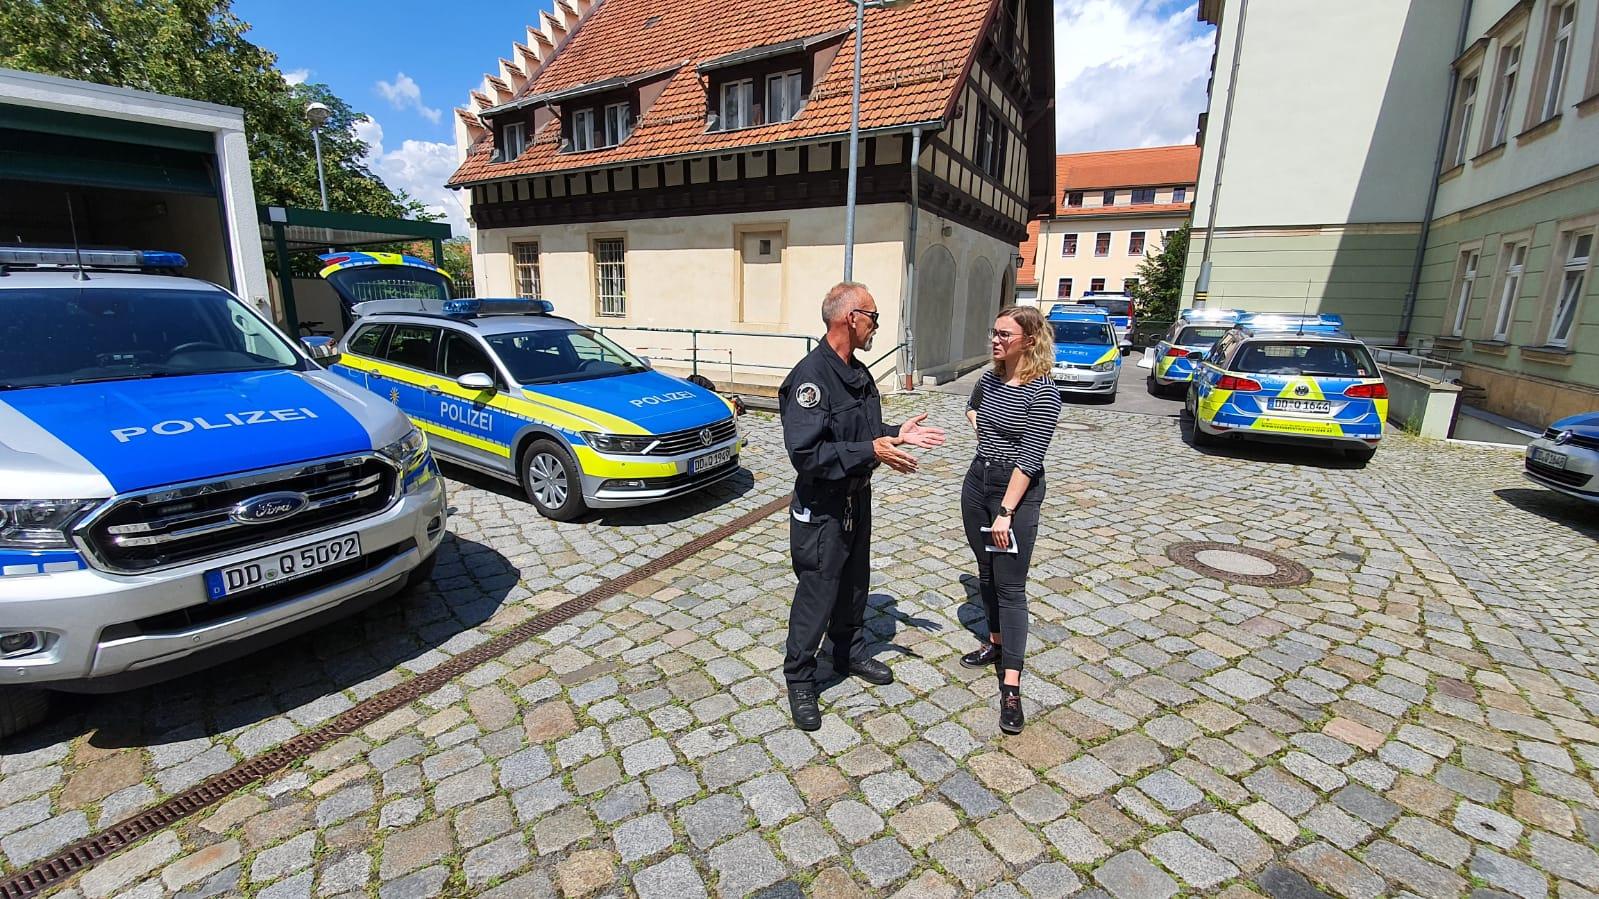 Polizei_glaeserne_stadt